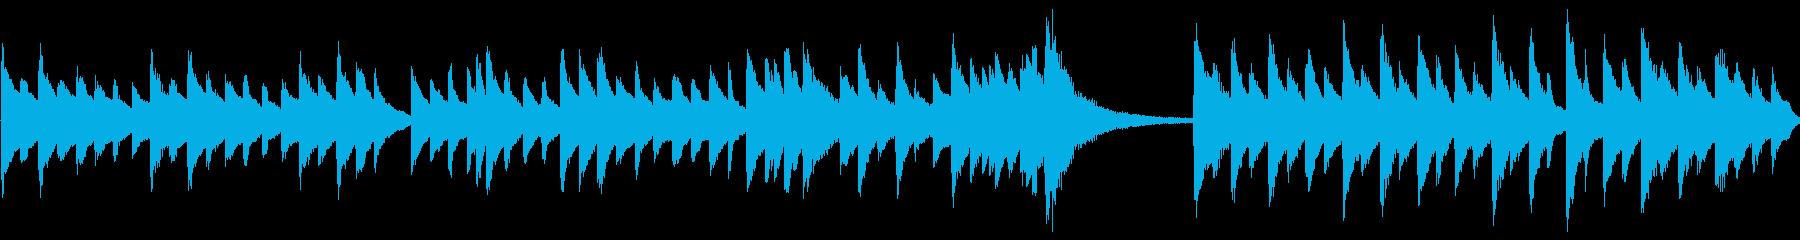 ループ専用の短めなピアノソロです。寂し…の再生済みの波形